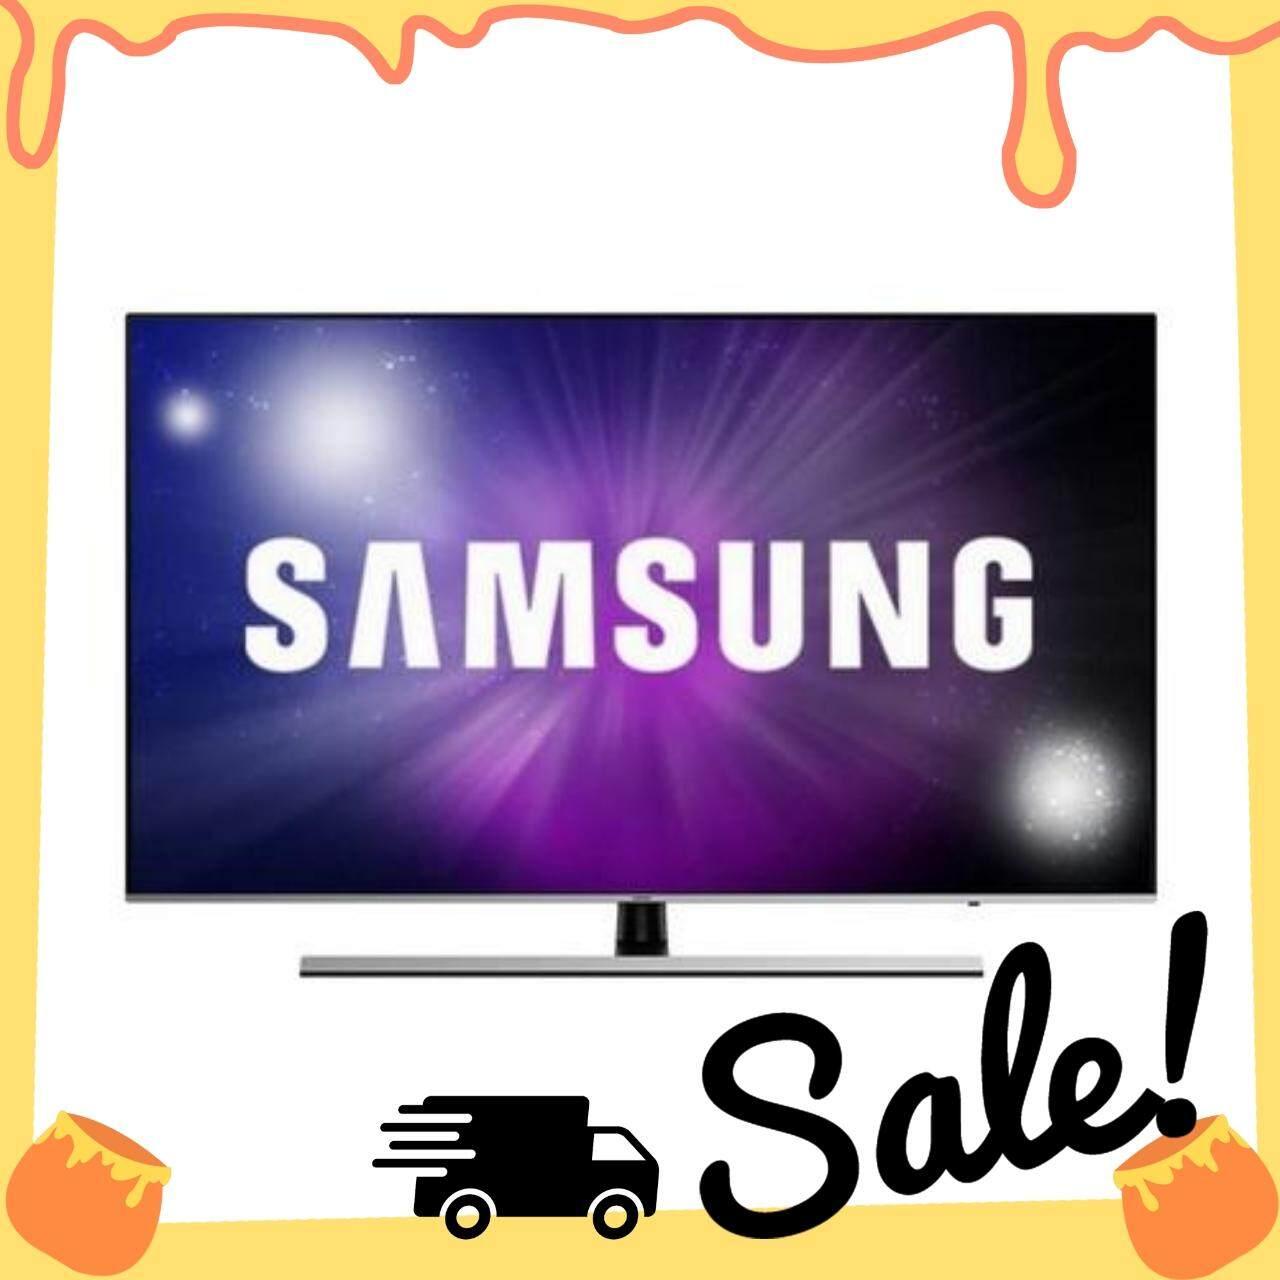 แอลอีดีทีวี 55  Samsung Ua55nu8000kt  Samsung  Ua55nu8000kt ทีวี 32 ทีวี 40 นิ้ว Smart Tv ทีวี 55 นิ้ว Smart Tv ทีวี 24 โทรทัศน์ ดู ทีวี ราคา ทีวี ทีวี ทีวี ราคา ถูก ส มา ร์ ท ทีวี ราคา โทรทัศน์ ทีวี ราคา ราคา ทีวี ซัม ซุง ทีวี ดิจิตอล รา.